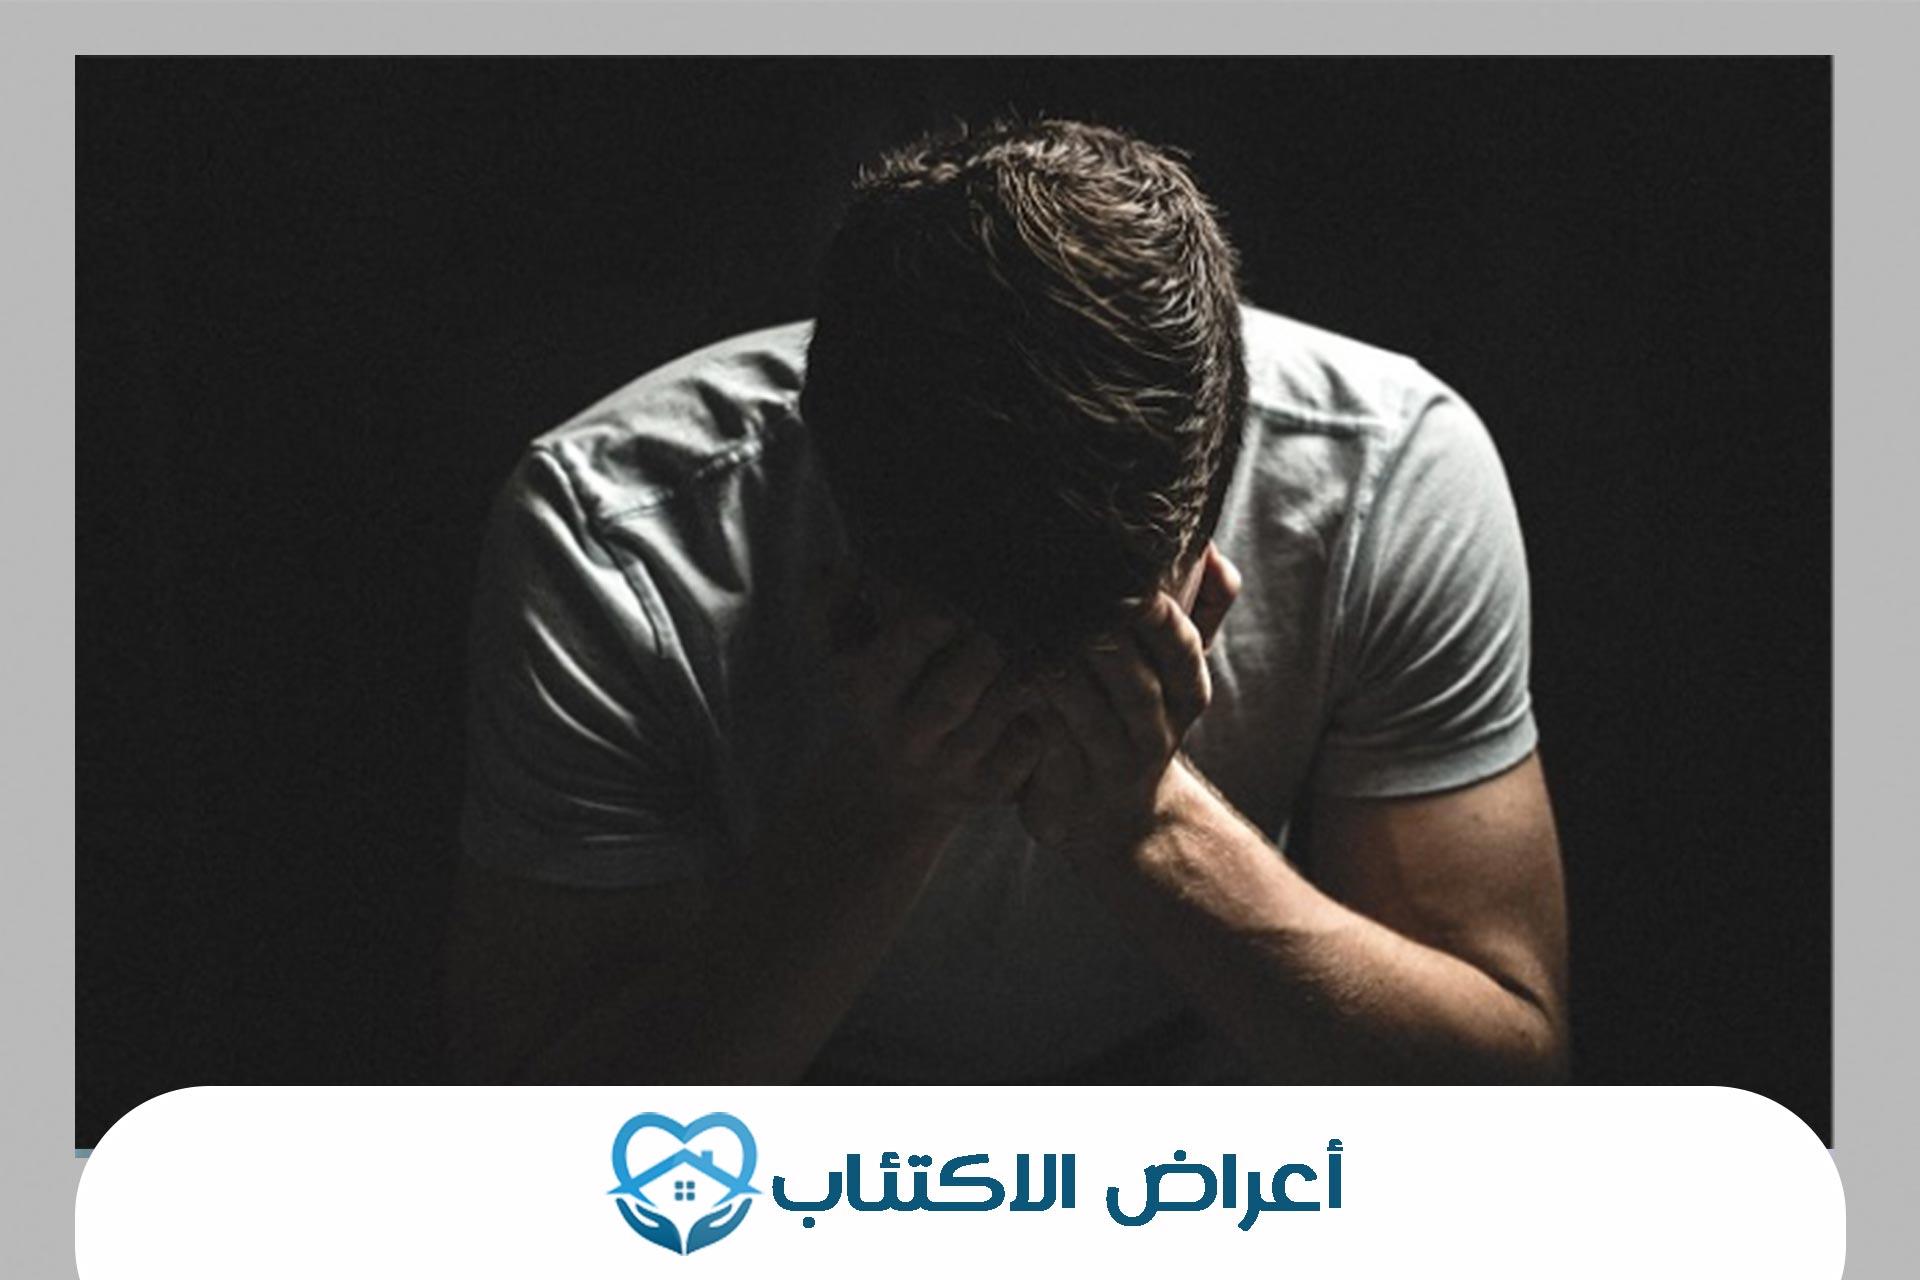 أخطر أعراض الاكتئاب النفسية والجسدية وطرق علاجها مستشفى التعافي